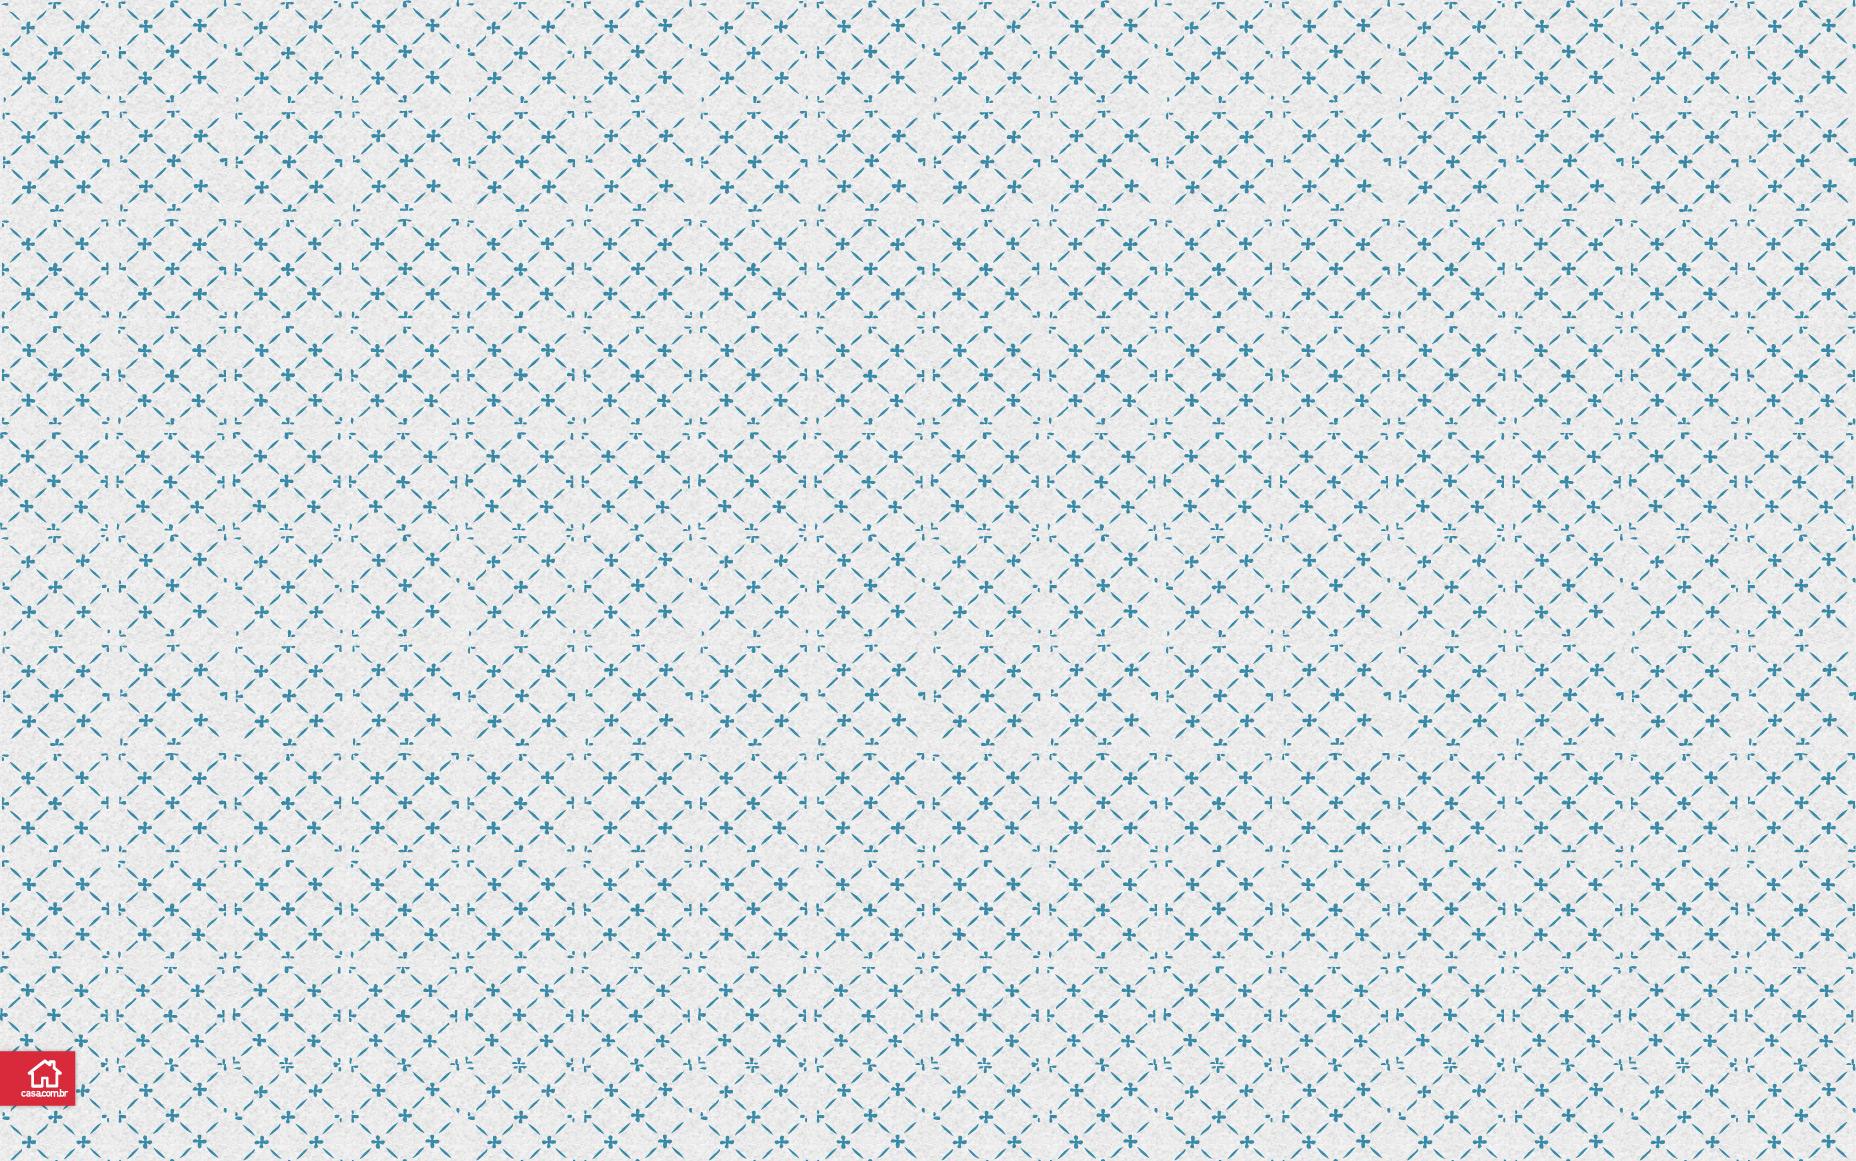 wall-azulportugues